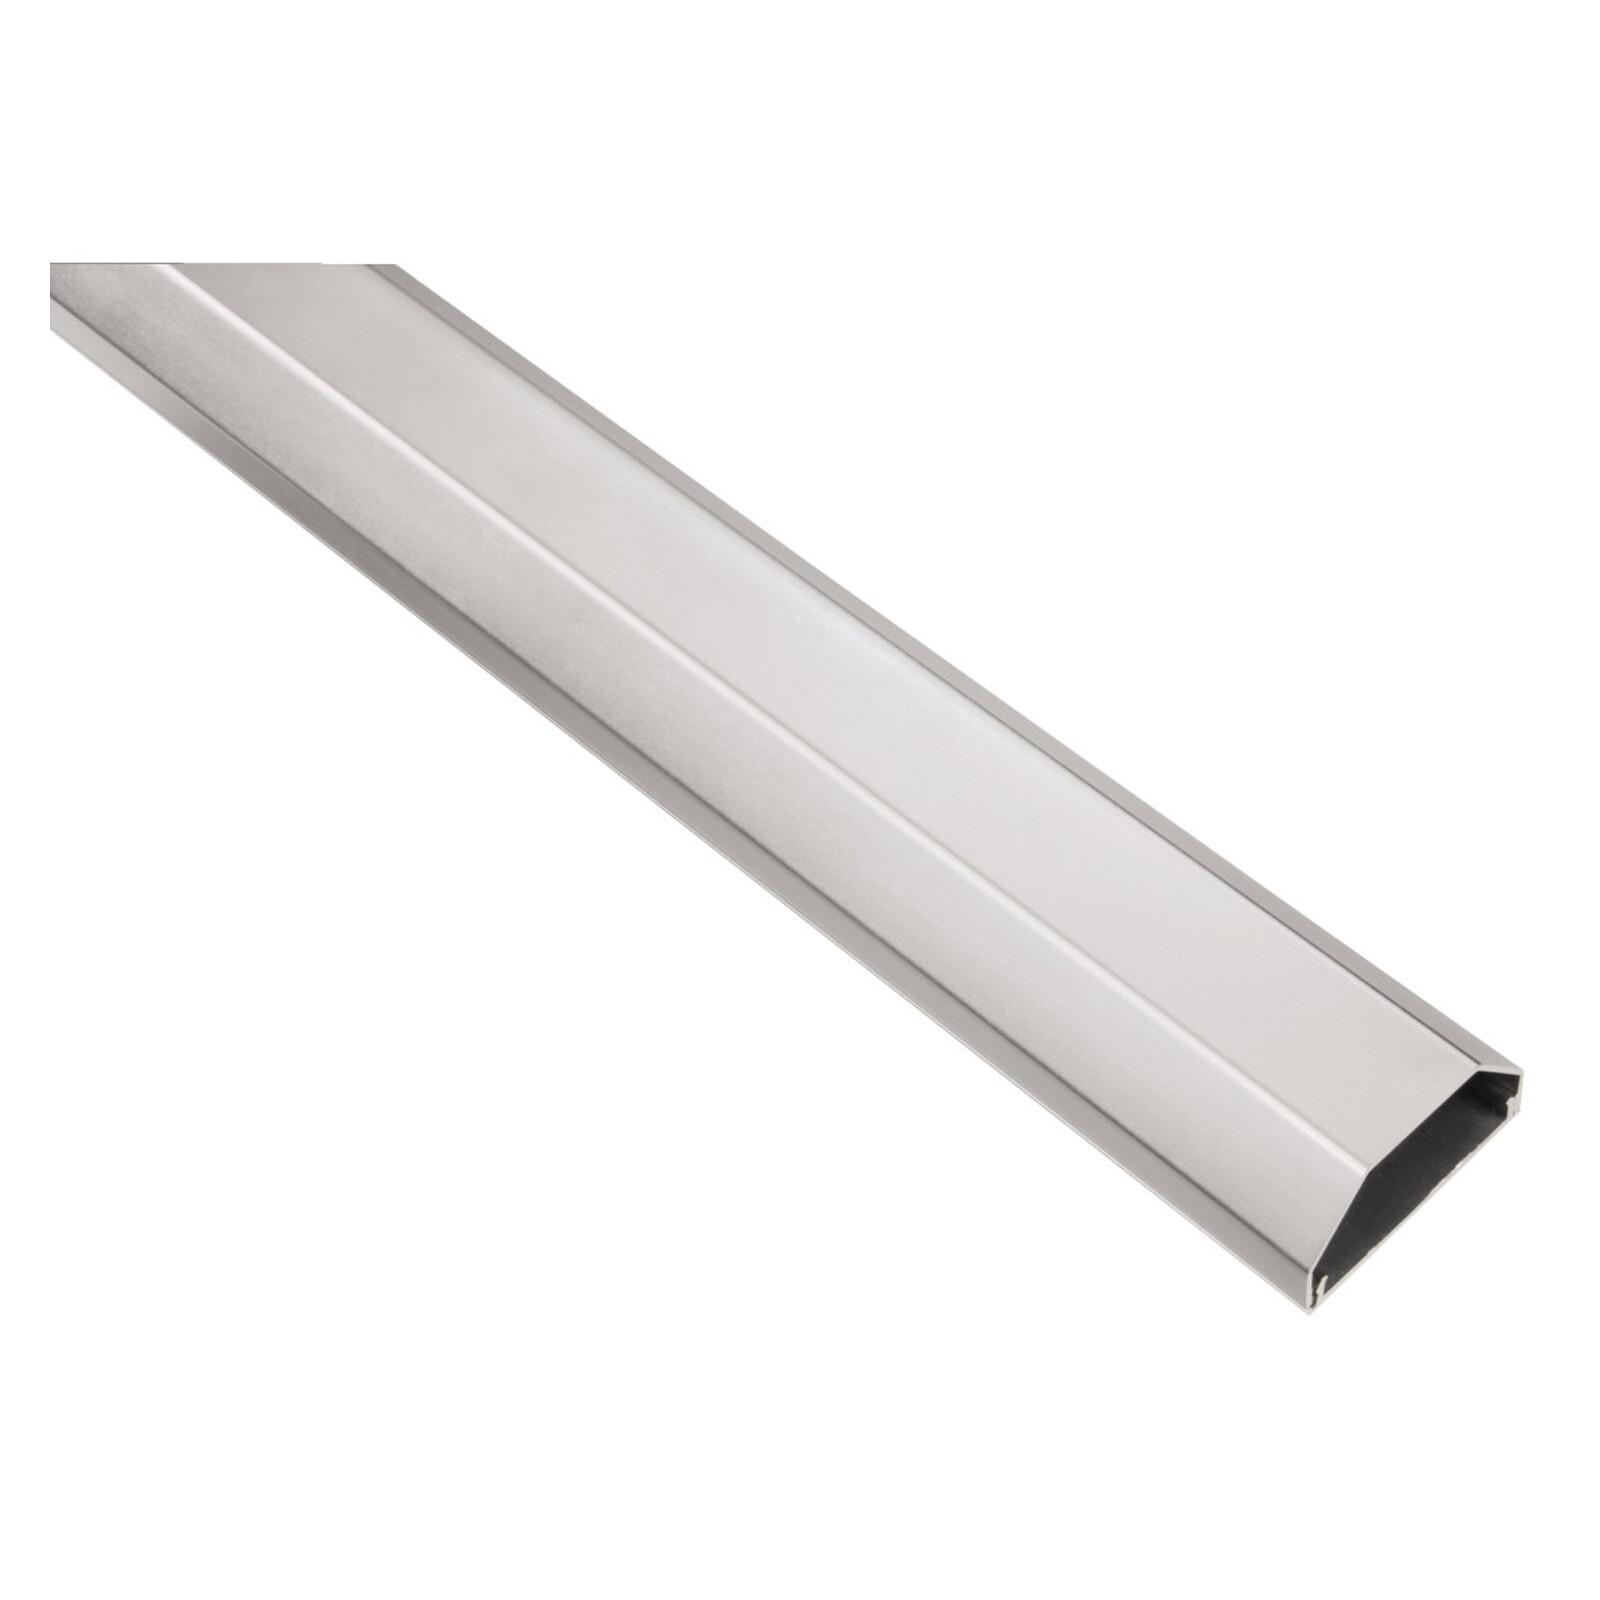 Hama 20644 Kabelkanal alu silber 110/5/2,6cm